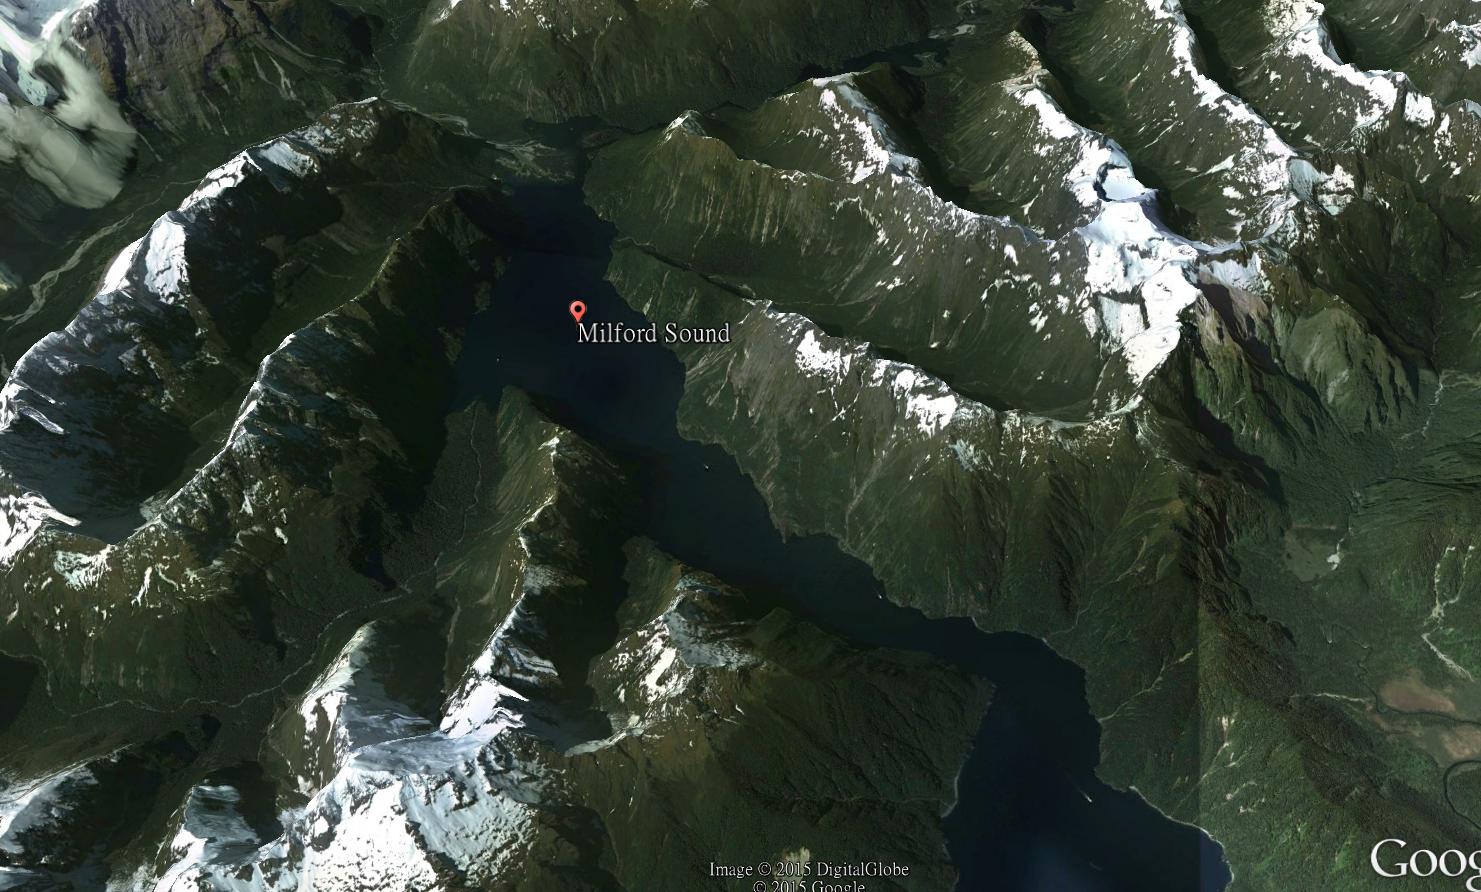 Mildford_fjord_3D